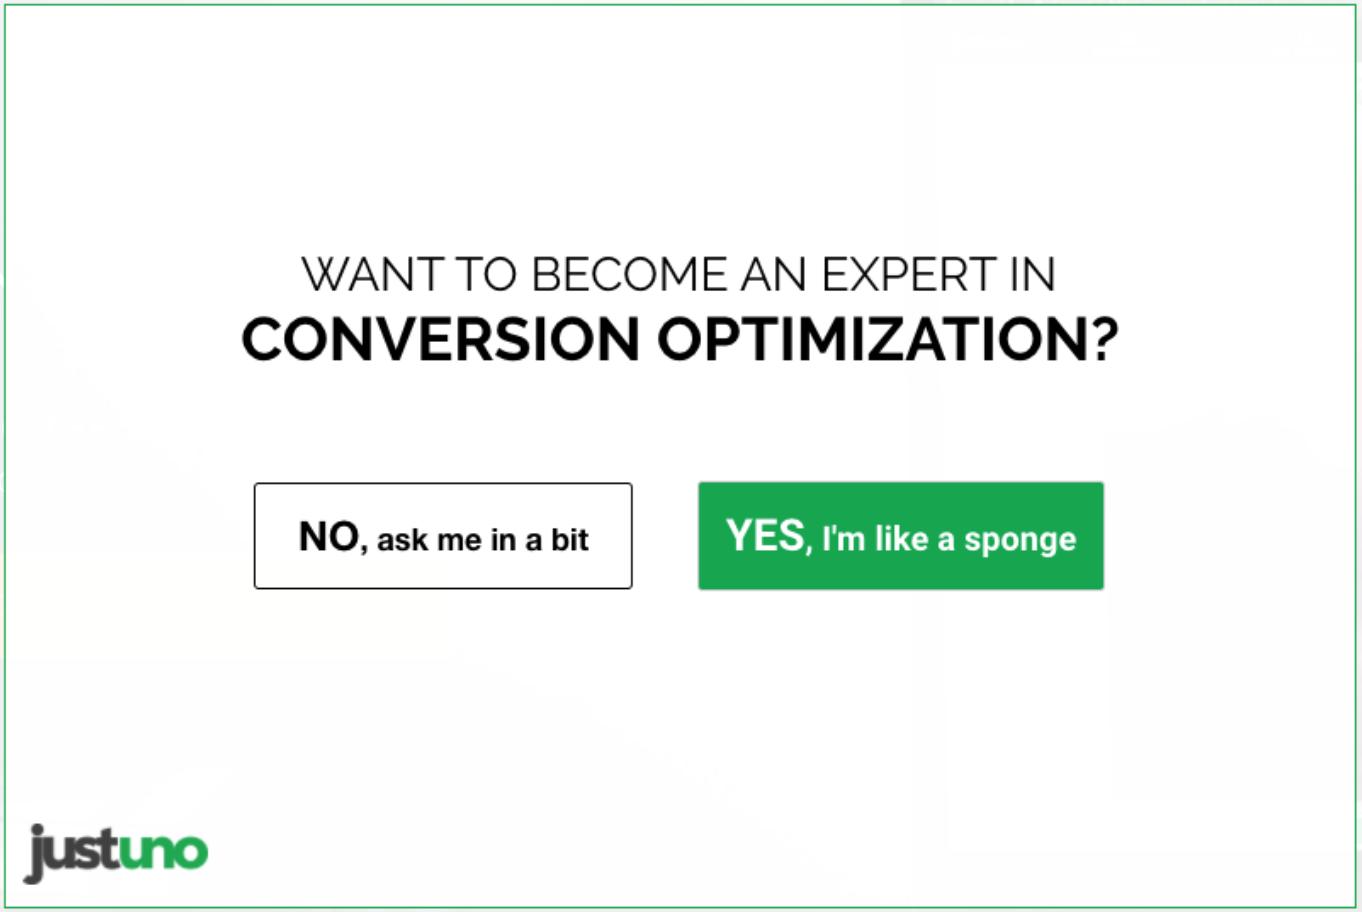 """Das Bild zeigt eine Anmeldeform. Darauf ist zu lesen: """"Want to become an expert in conversion optimization?"""". UserInnen können sich dann zwischen den beiden Buttons """"No, ask me in a bit"""" und """"Yes, I'm like a sponge"""" entscheiden."""